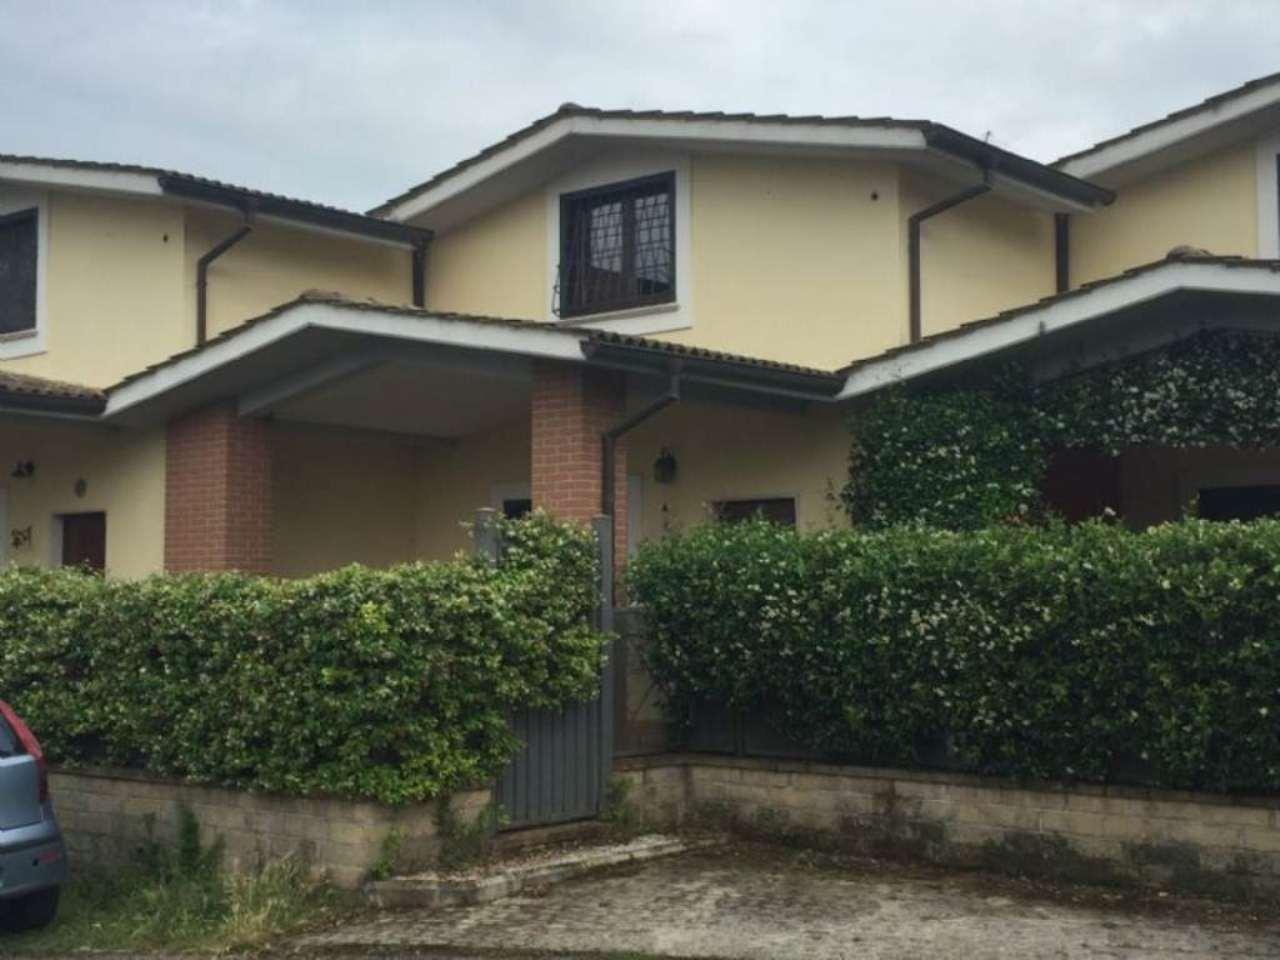 Villa in vendita a Fiano Romano, 4 locali, prezzo € 180.000 | Cambio Casa.it